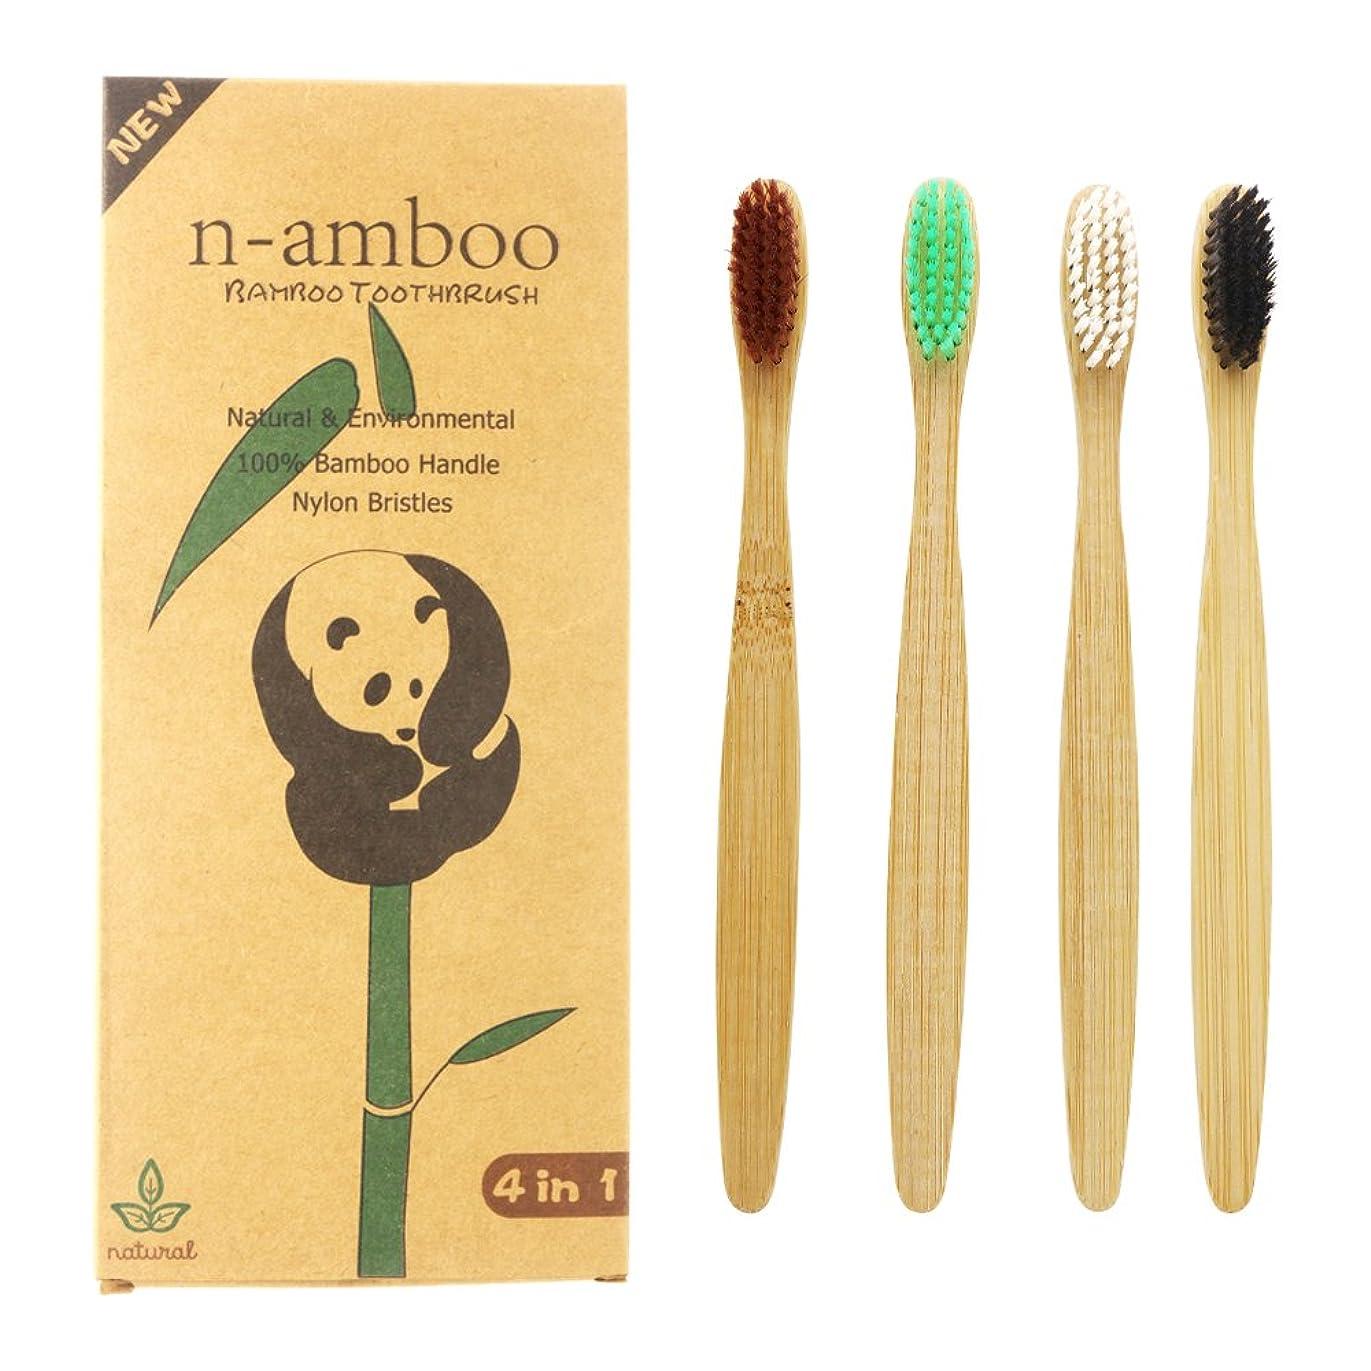 収縮偶然驚くべきN-amboo 竹製 歯ブラシ 高耐久性 4種類 4色セット エコ 軽量 4本入りセット